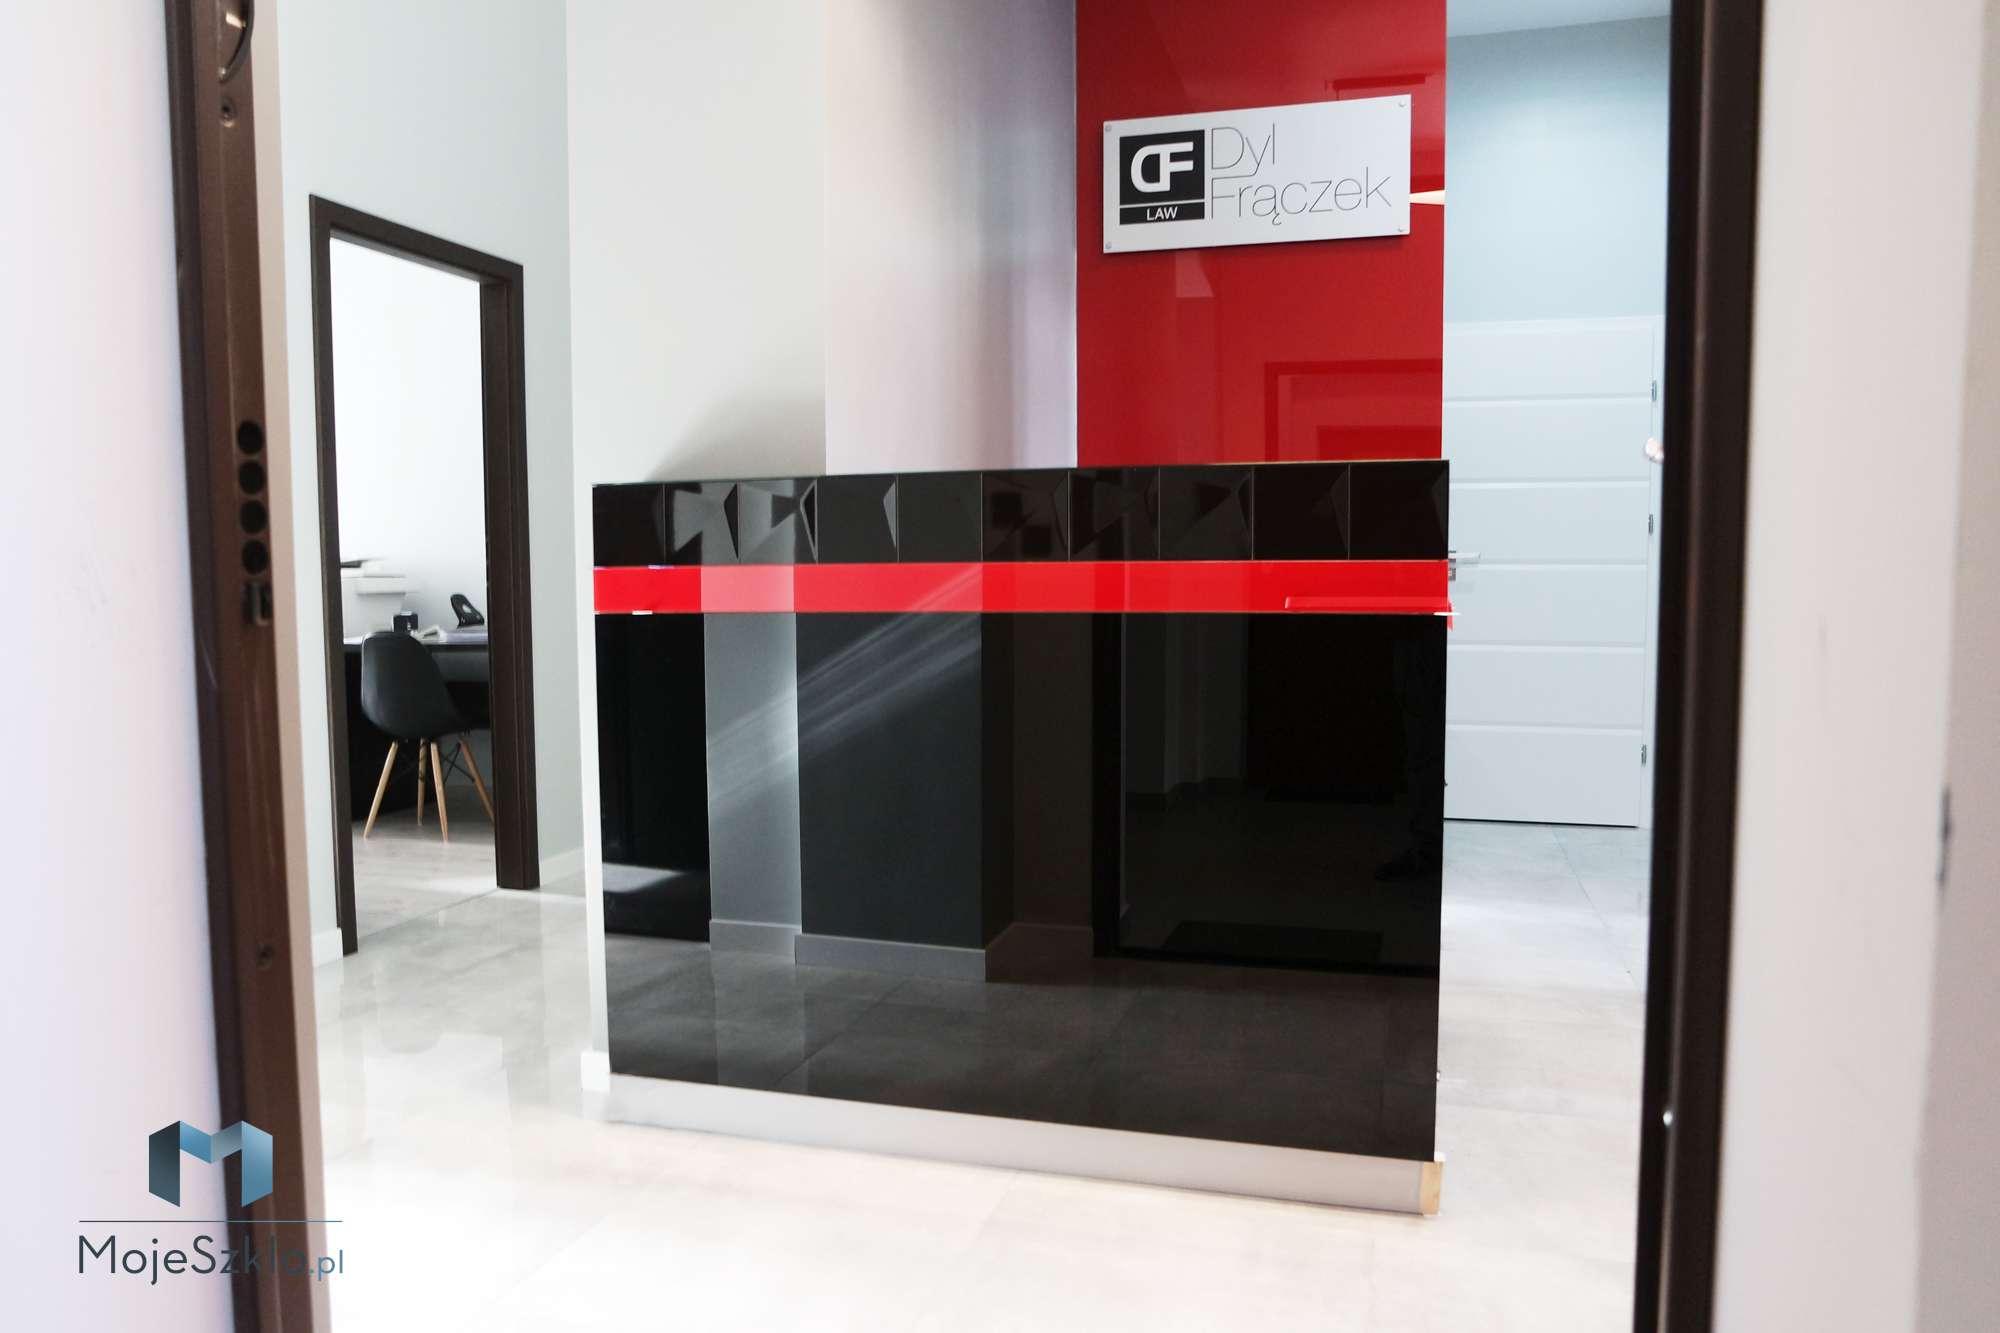 Lacobel Obudowa Sciany Czerwien - Panele szklane lacobel zastosowania komercyjne